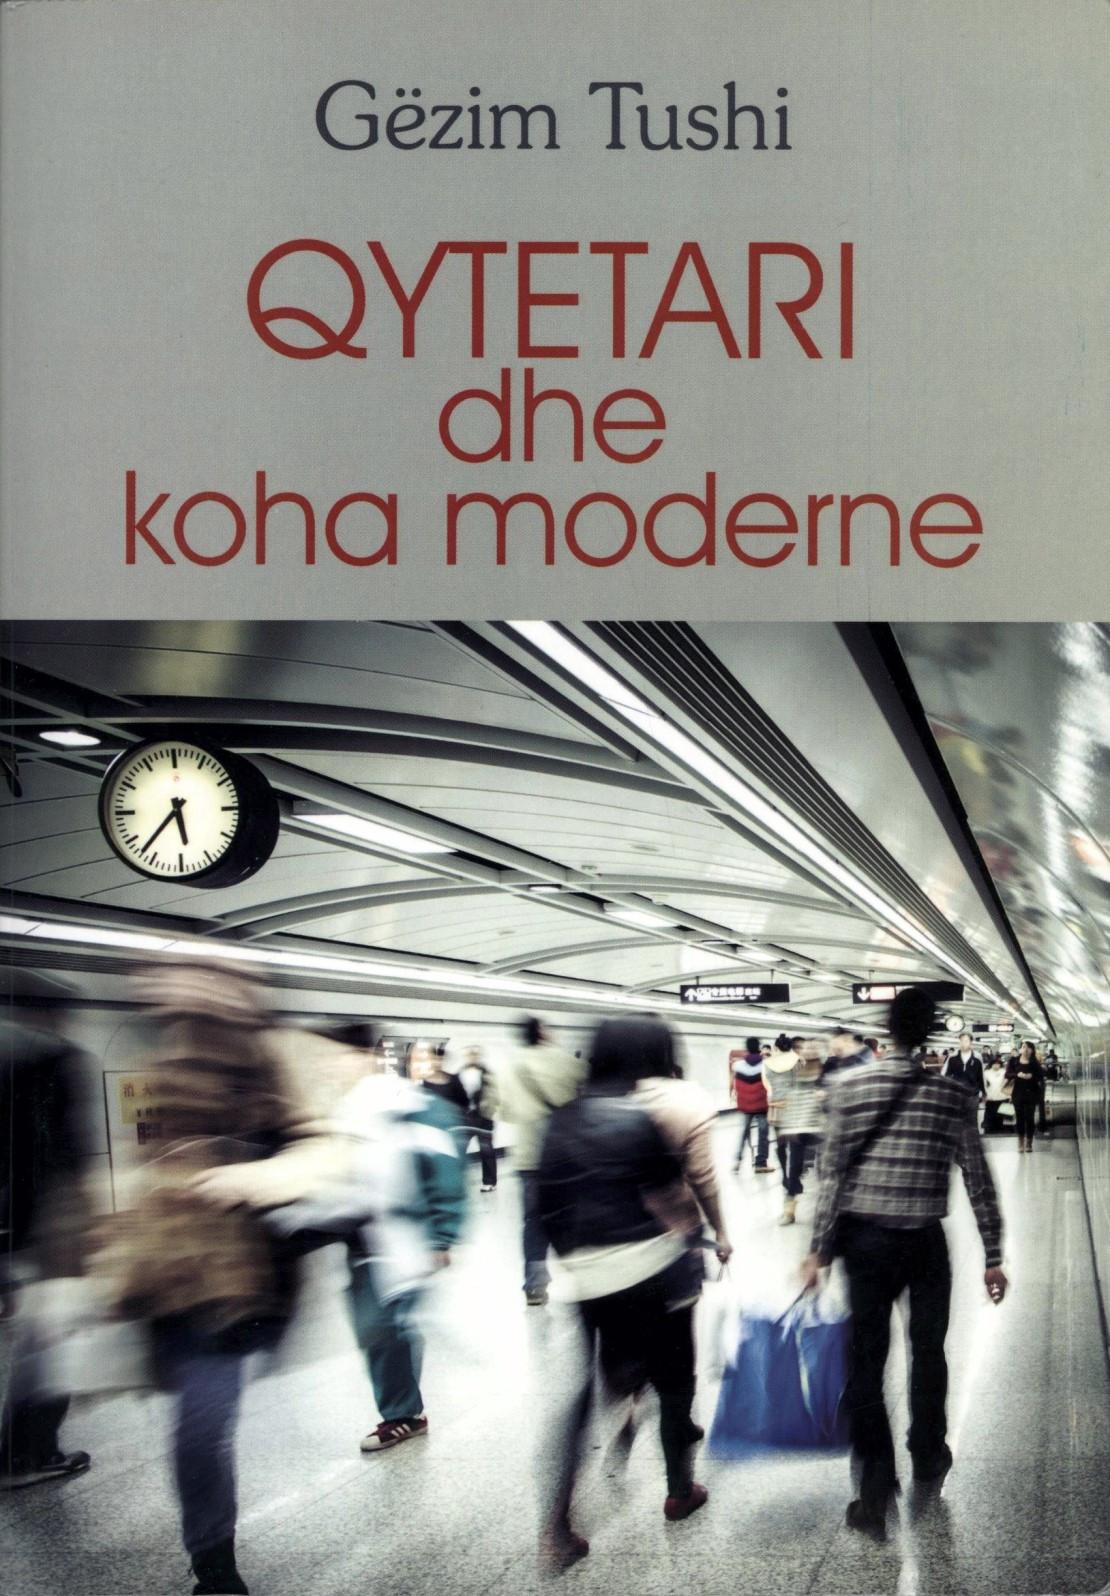 Qytetari dhe koha moderne